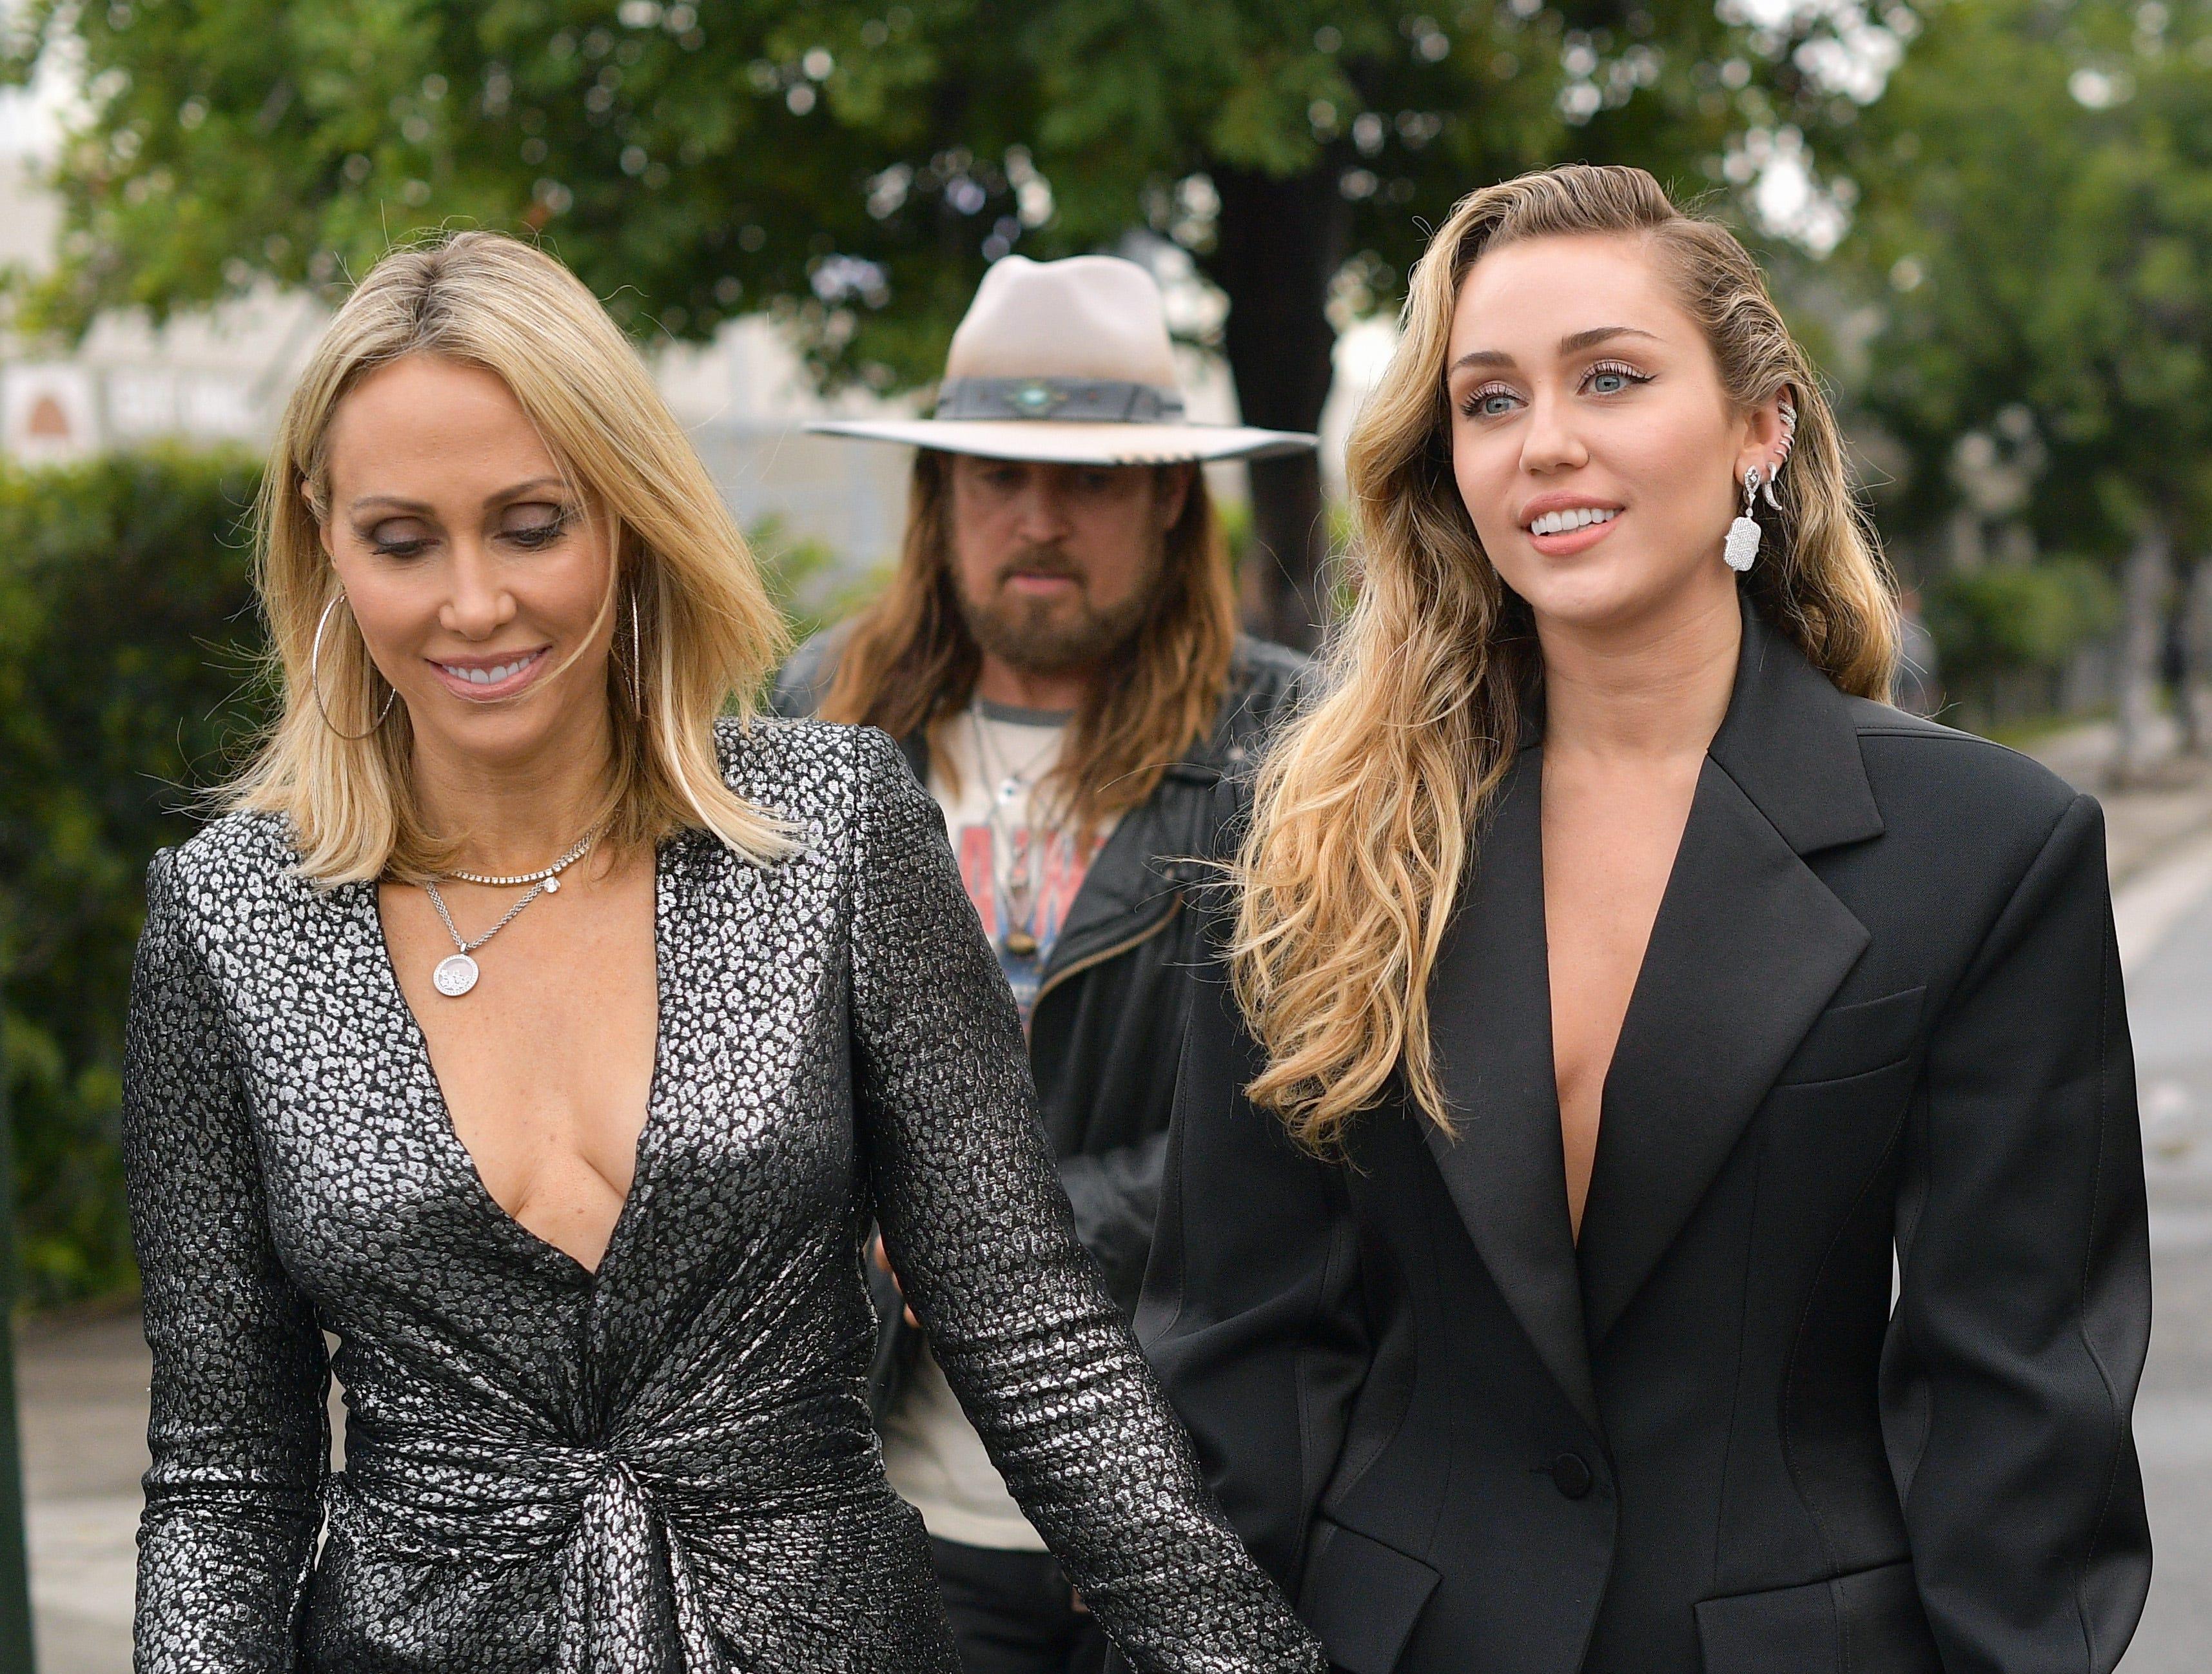 Tish Cyrus (izq) y Miley Cyrus asisten a la 61ª edición de los premios GRAMMY en el Staples Center el 10 de febrero de 2019 en Los Ángeles, California.